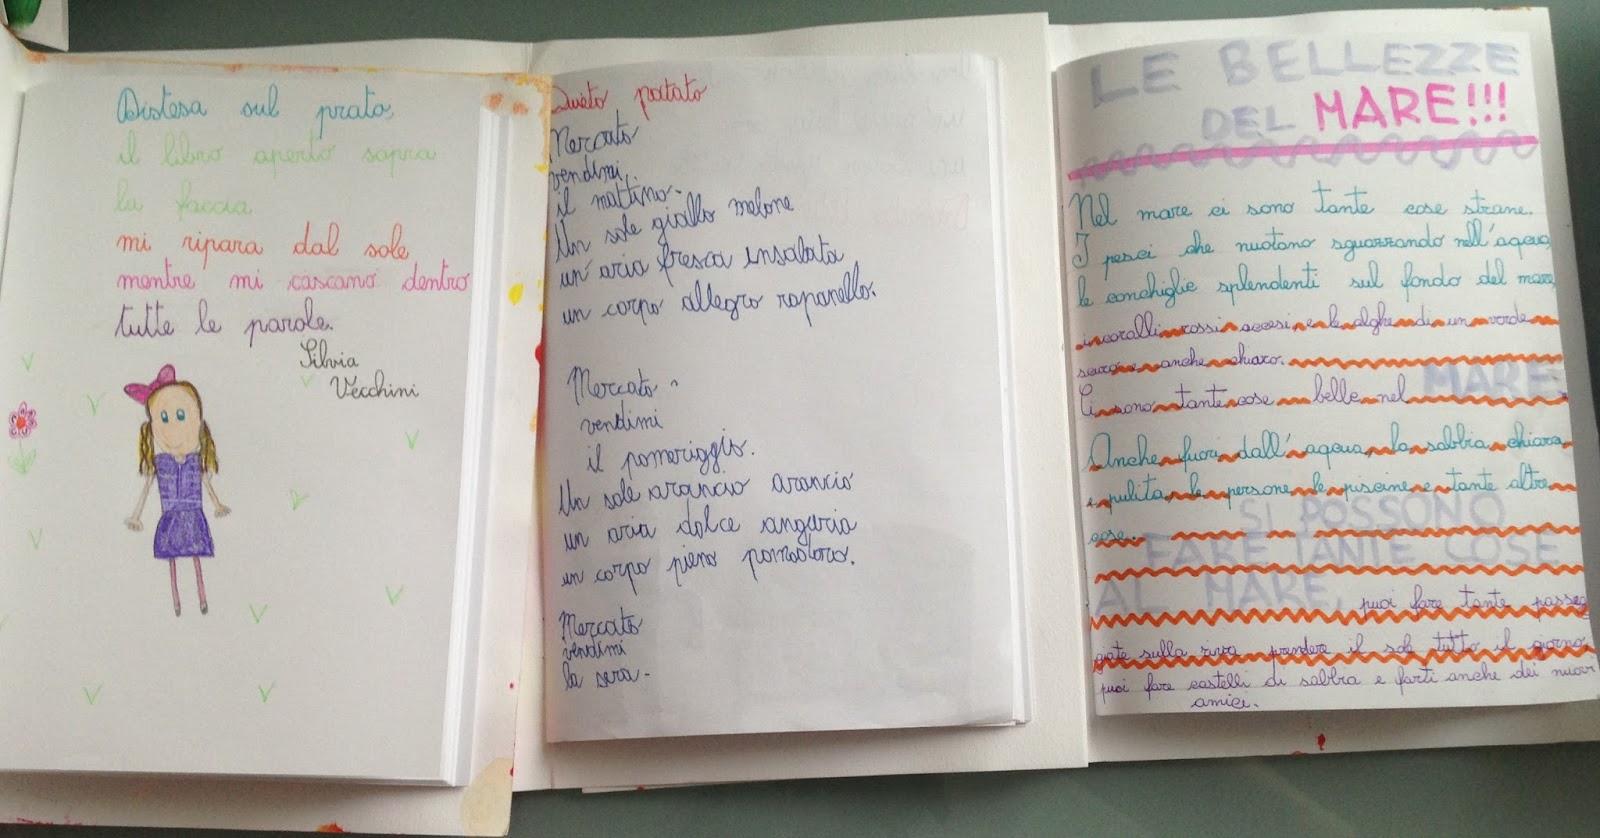 Souvent APEdario: Diario delle mie vacanze - dentro UO57